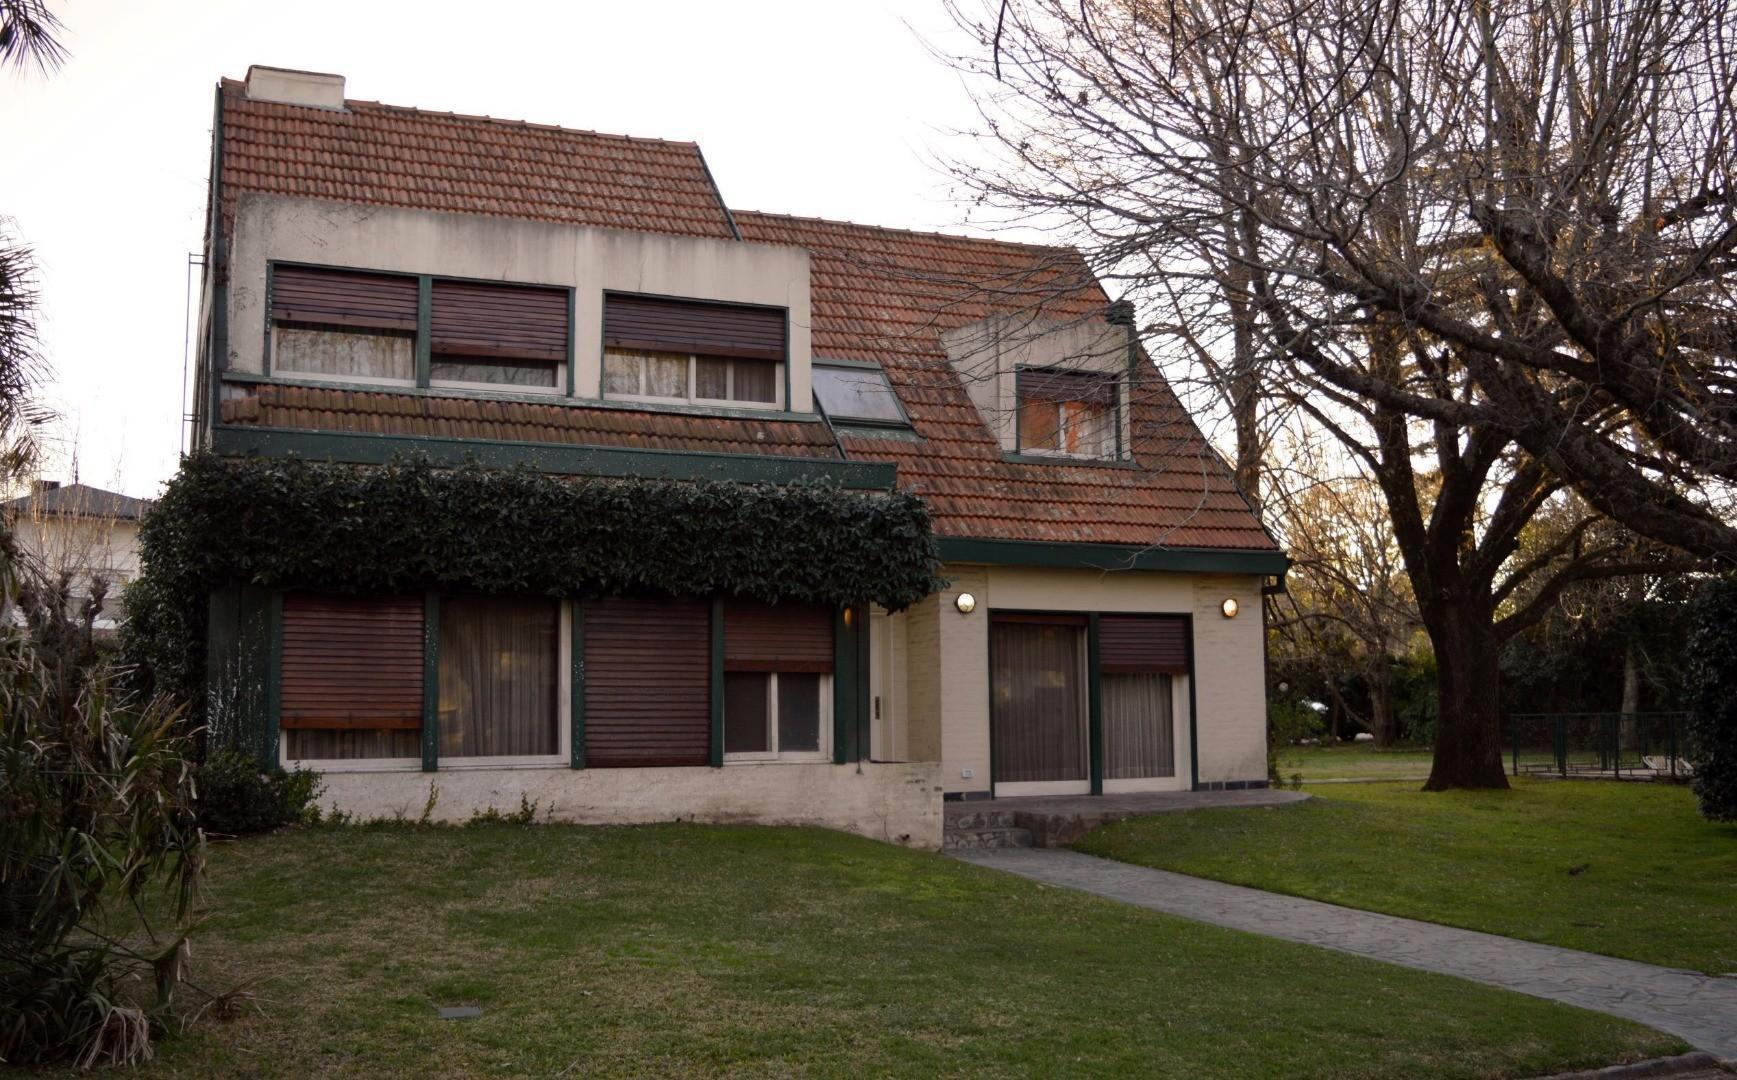 Casa en Venta en Campo Chico - 7 ambientes